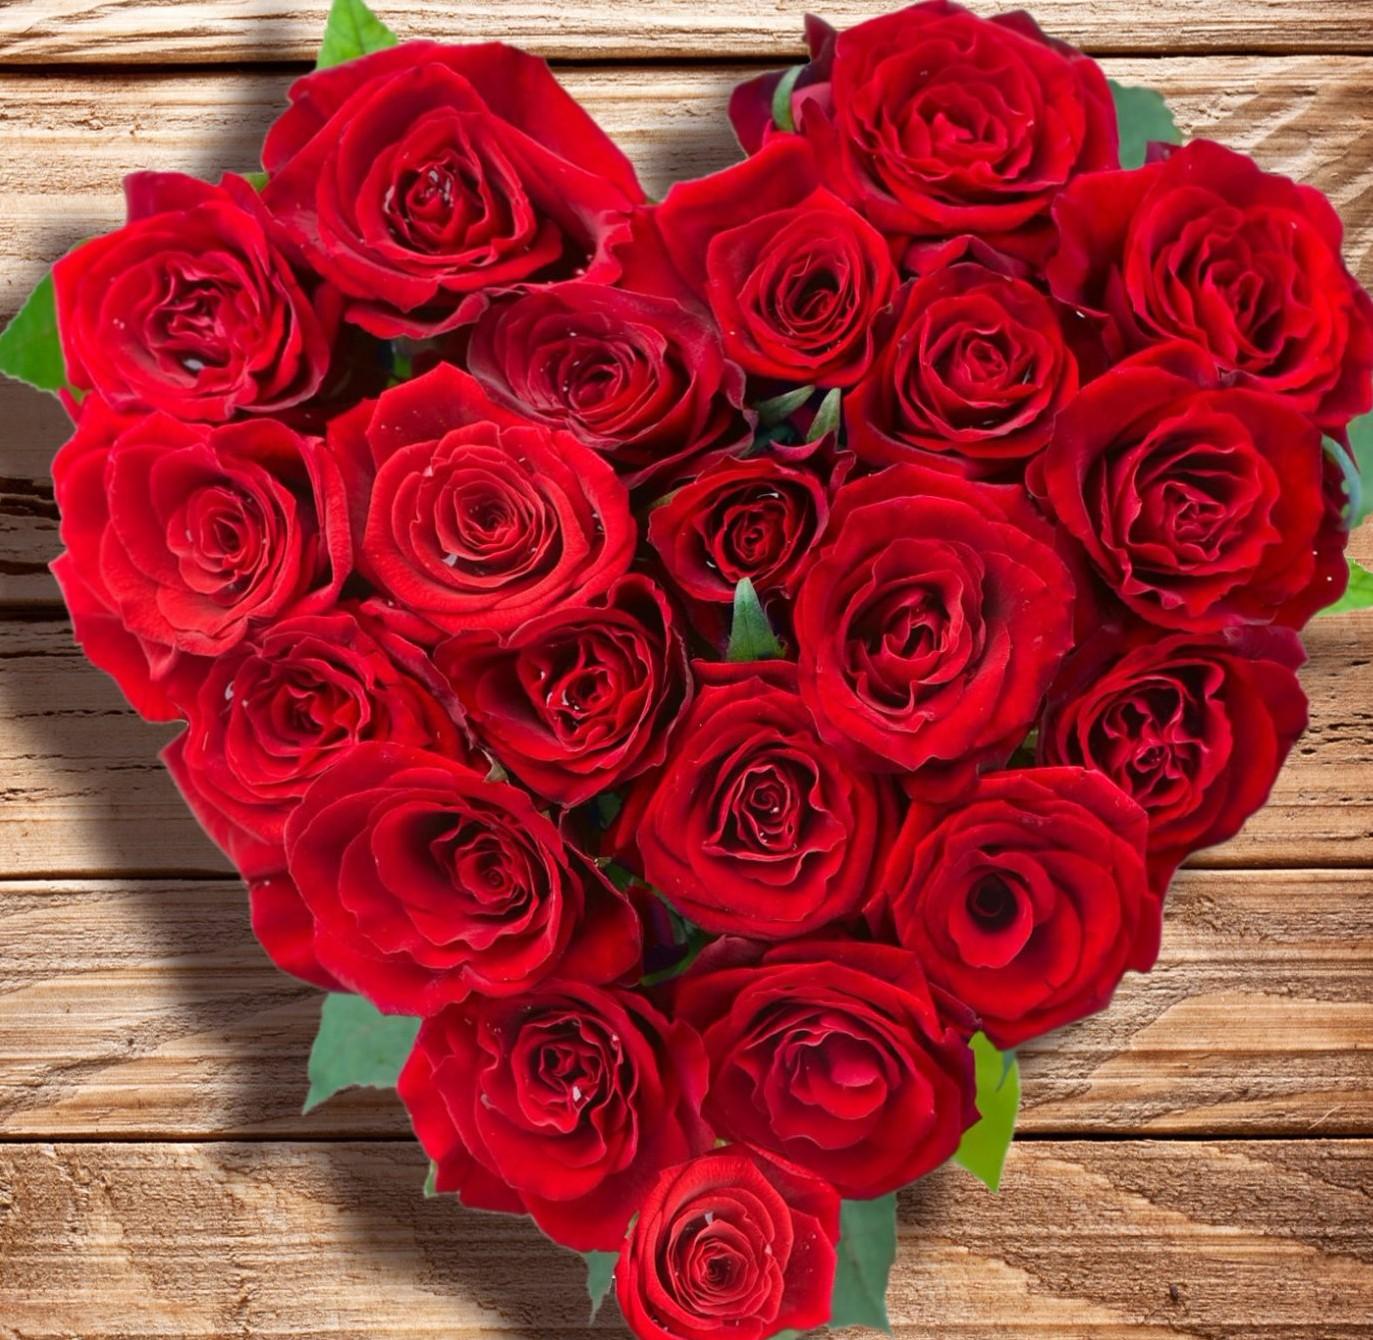 картинки алые розы большие трубы